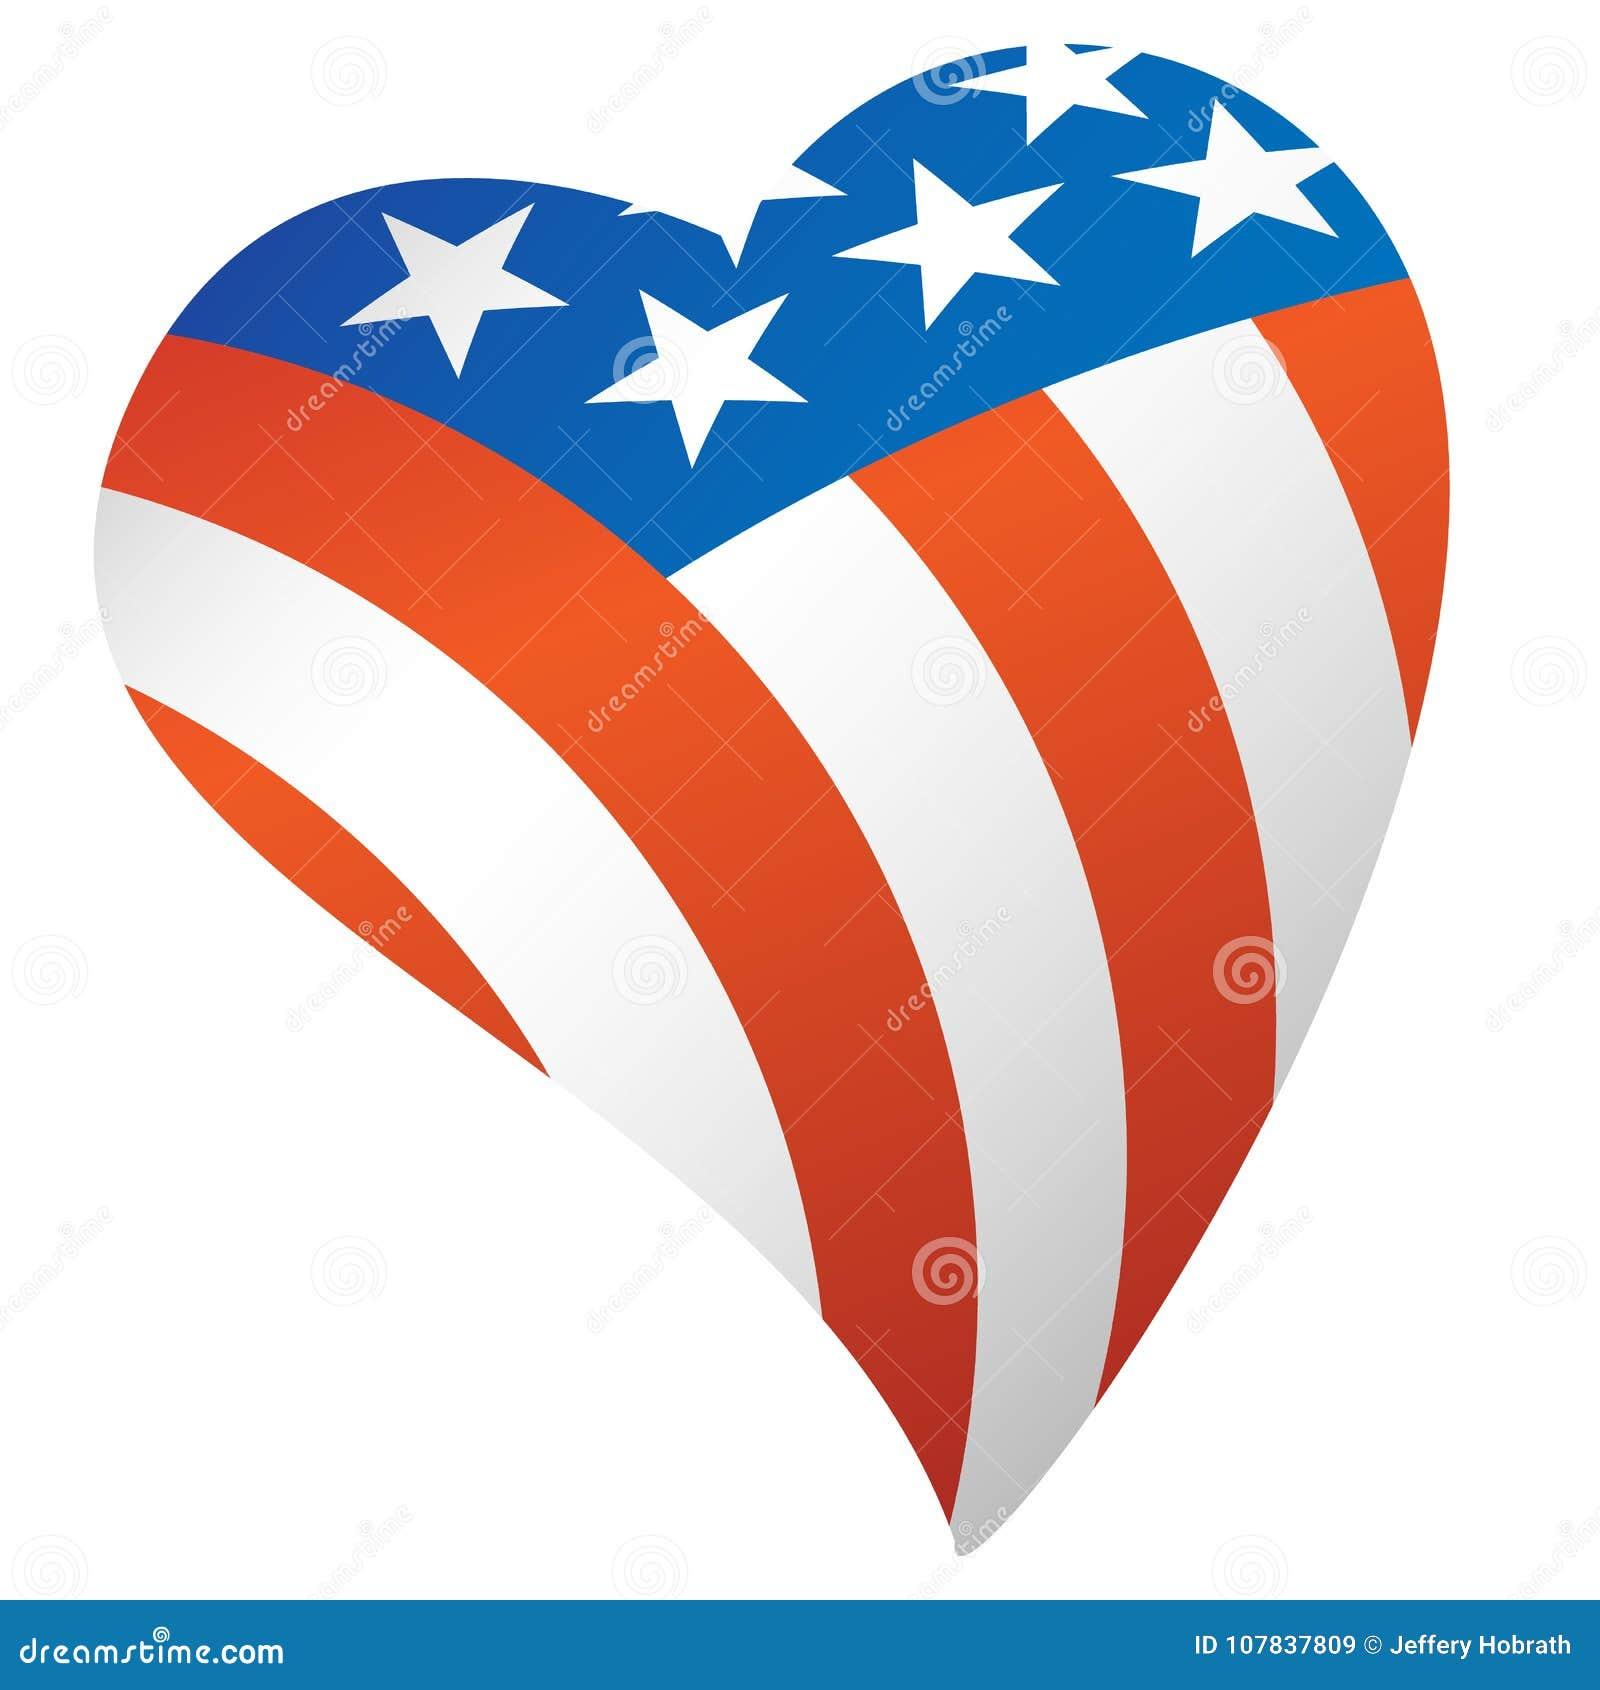 Patriotische USA-Herz-Vektor-Illustration der amerikanischen Flagge